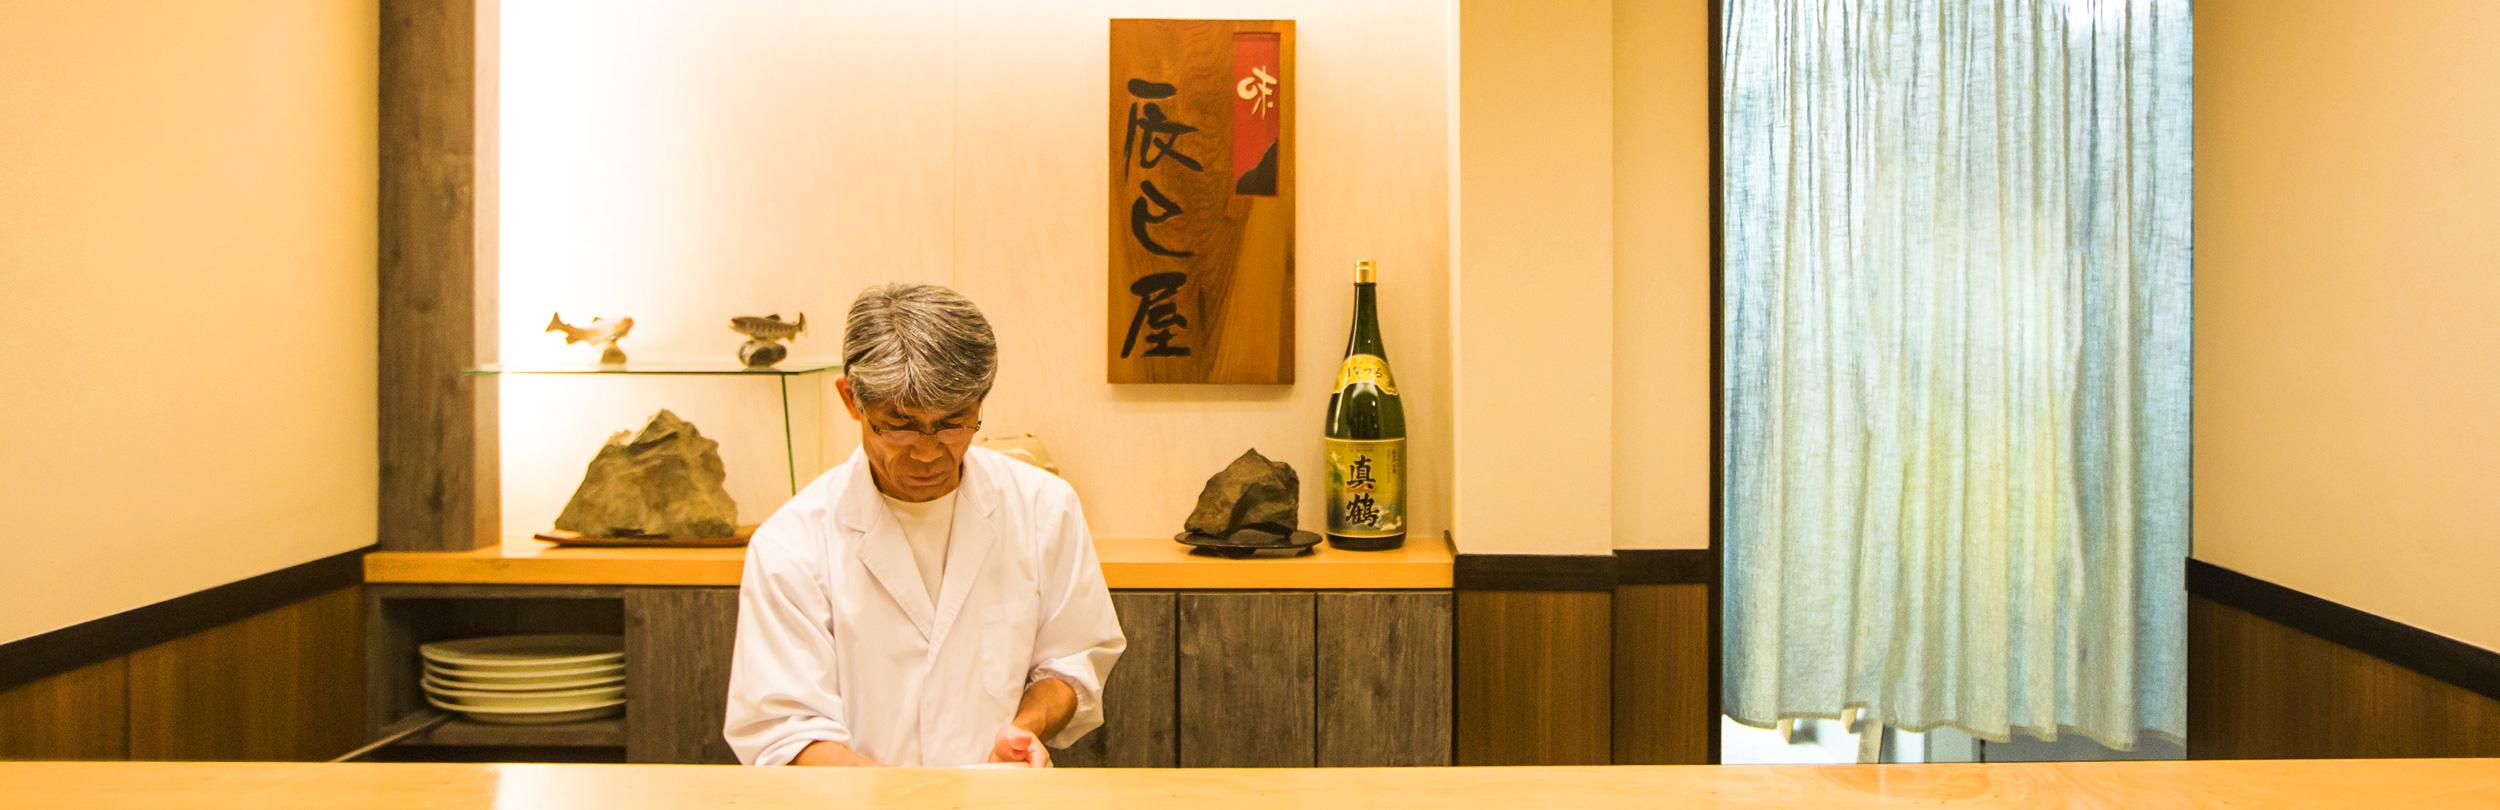 鹿児島の郷土料理・居酒屋 辰巳屋